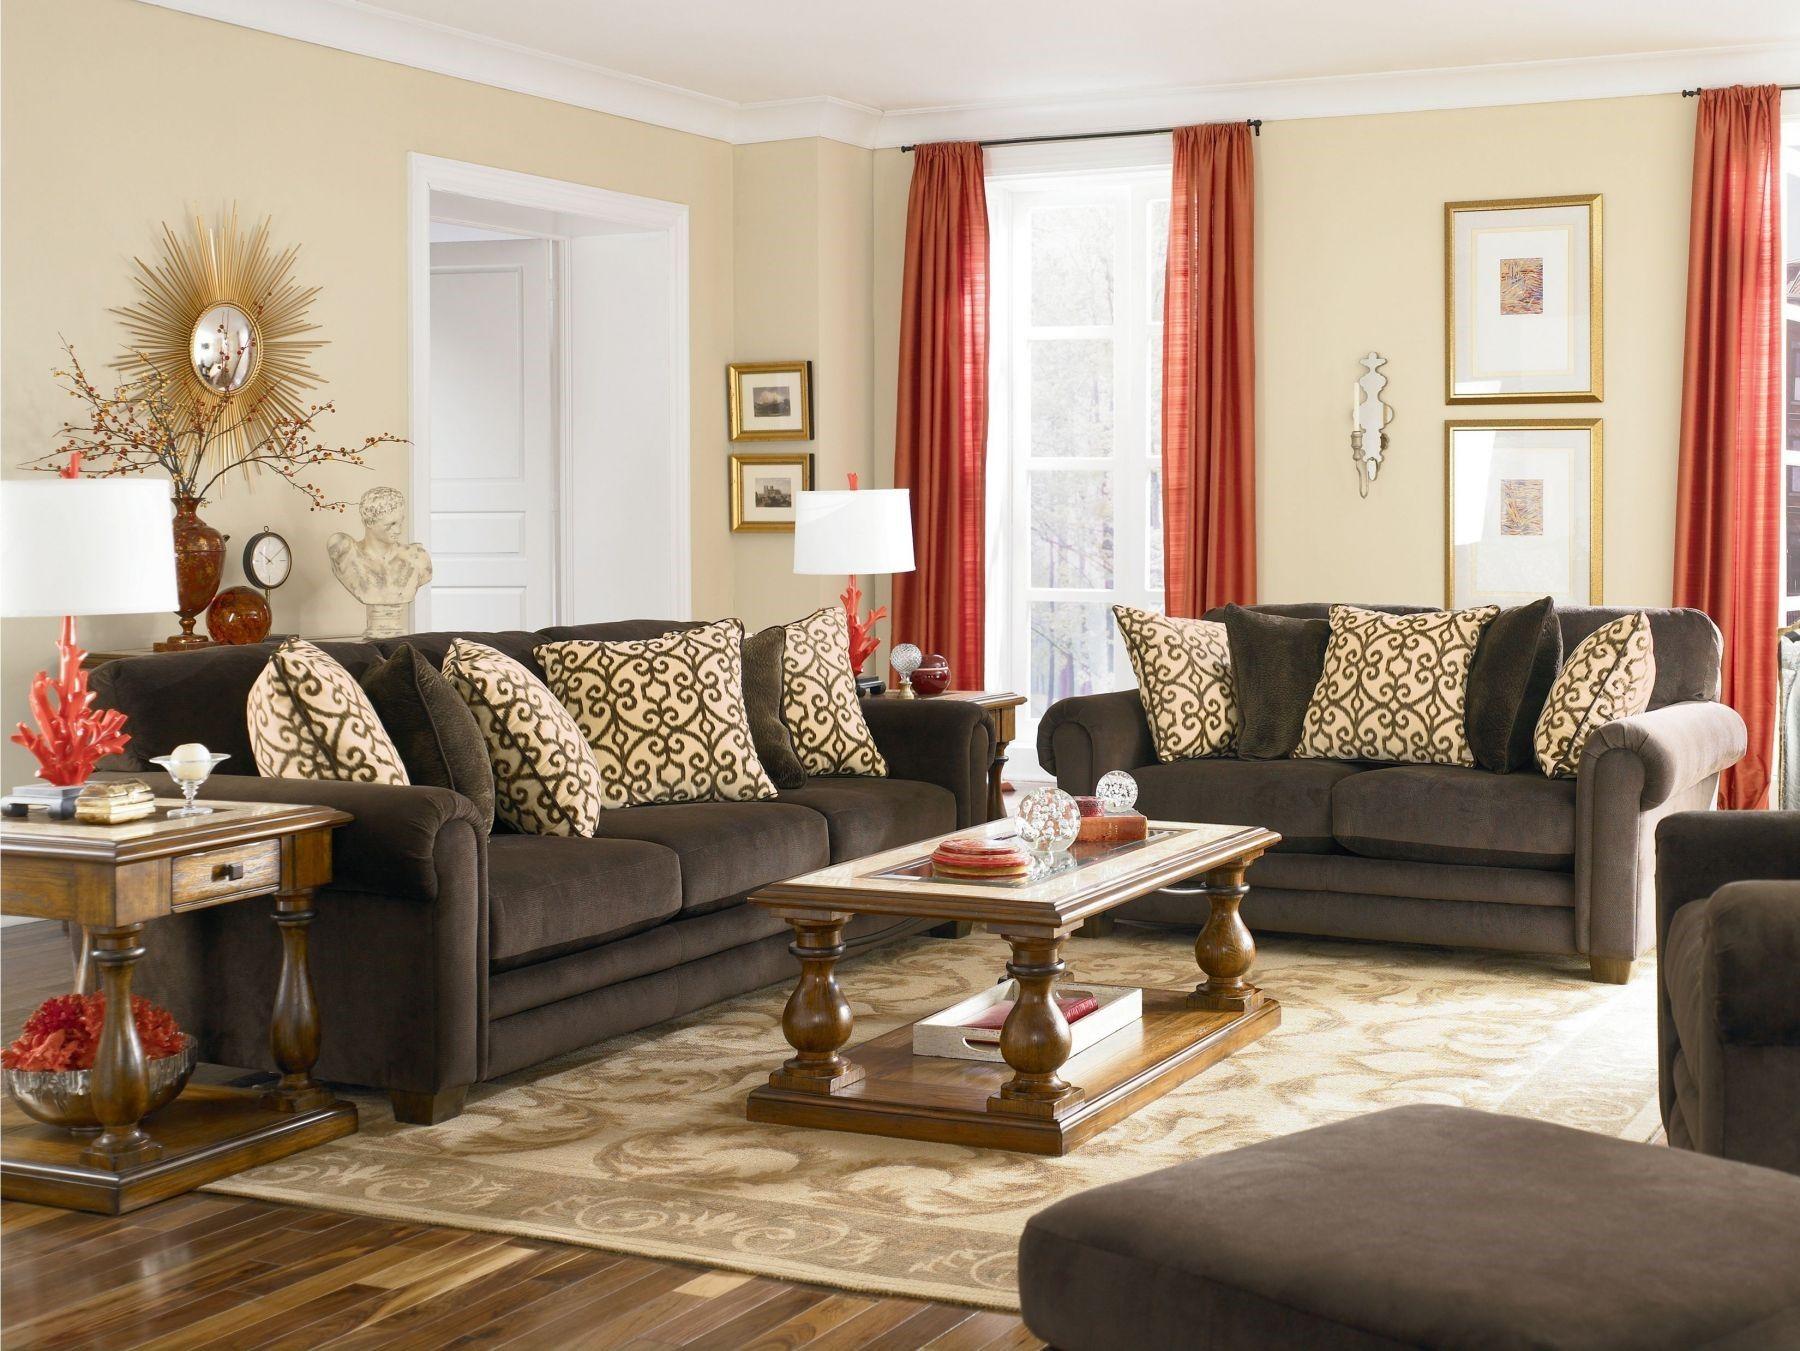 Sofa Cinza Decoracao 7 Babados Pinterest Living Rooms And Room -> Sala Sofa Cinza E Azul